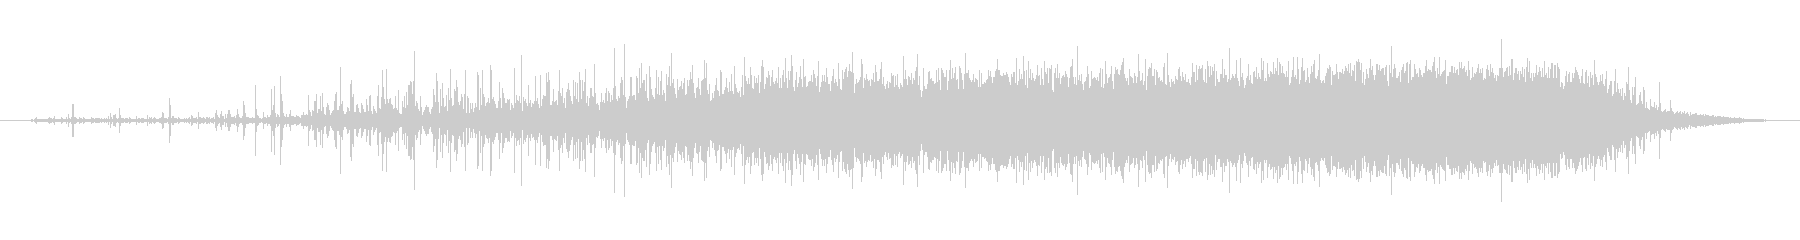 素材 レインスティックシングル03の未再生の波形